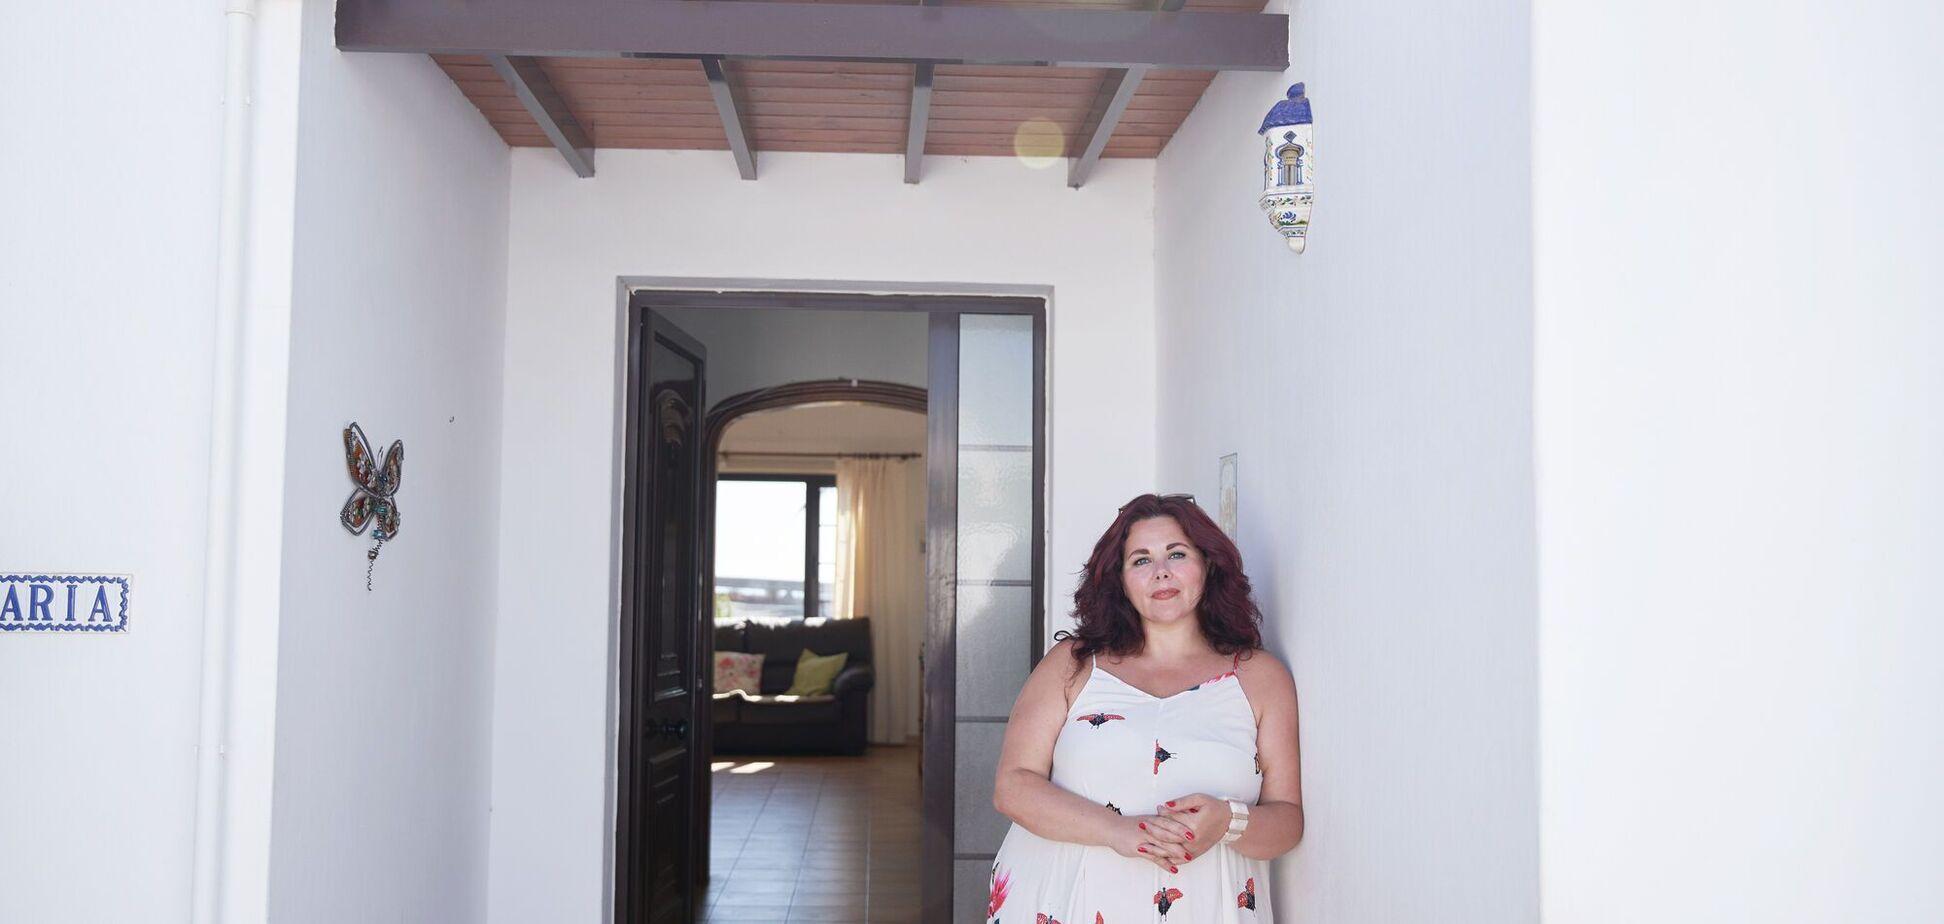 Вікі Муні із ЄС живе з ожирінням